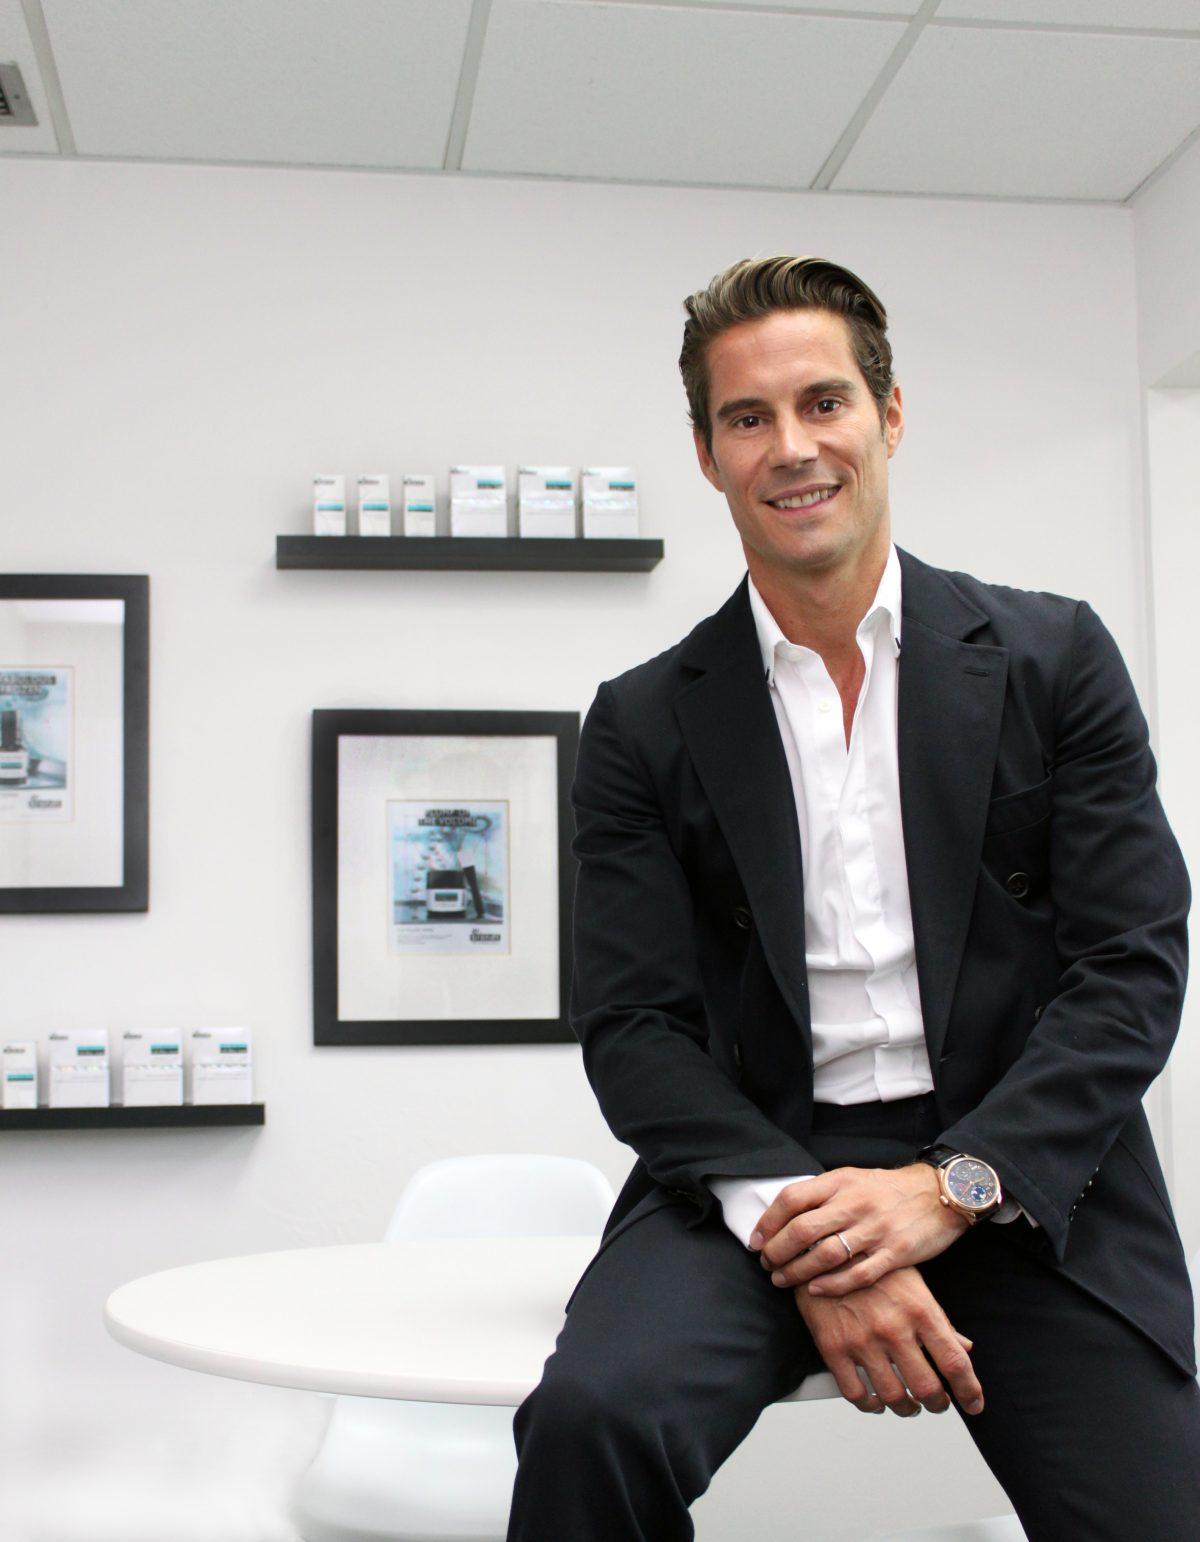 Stephane Colleu, CEO of Dr. Brandt Skincare